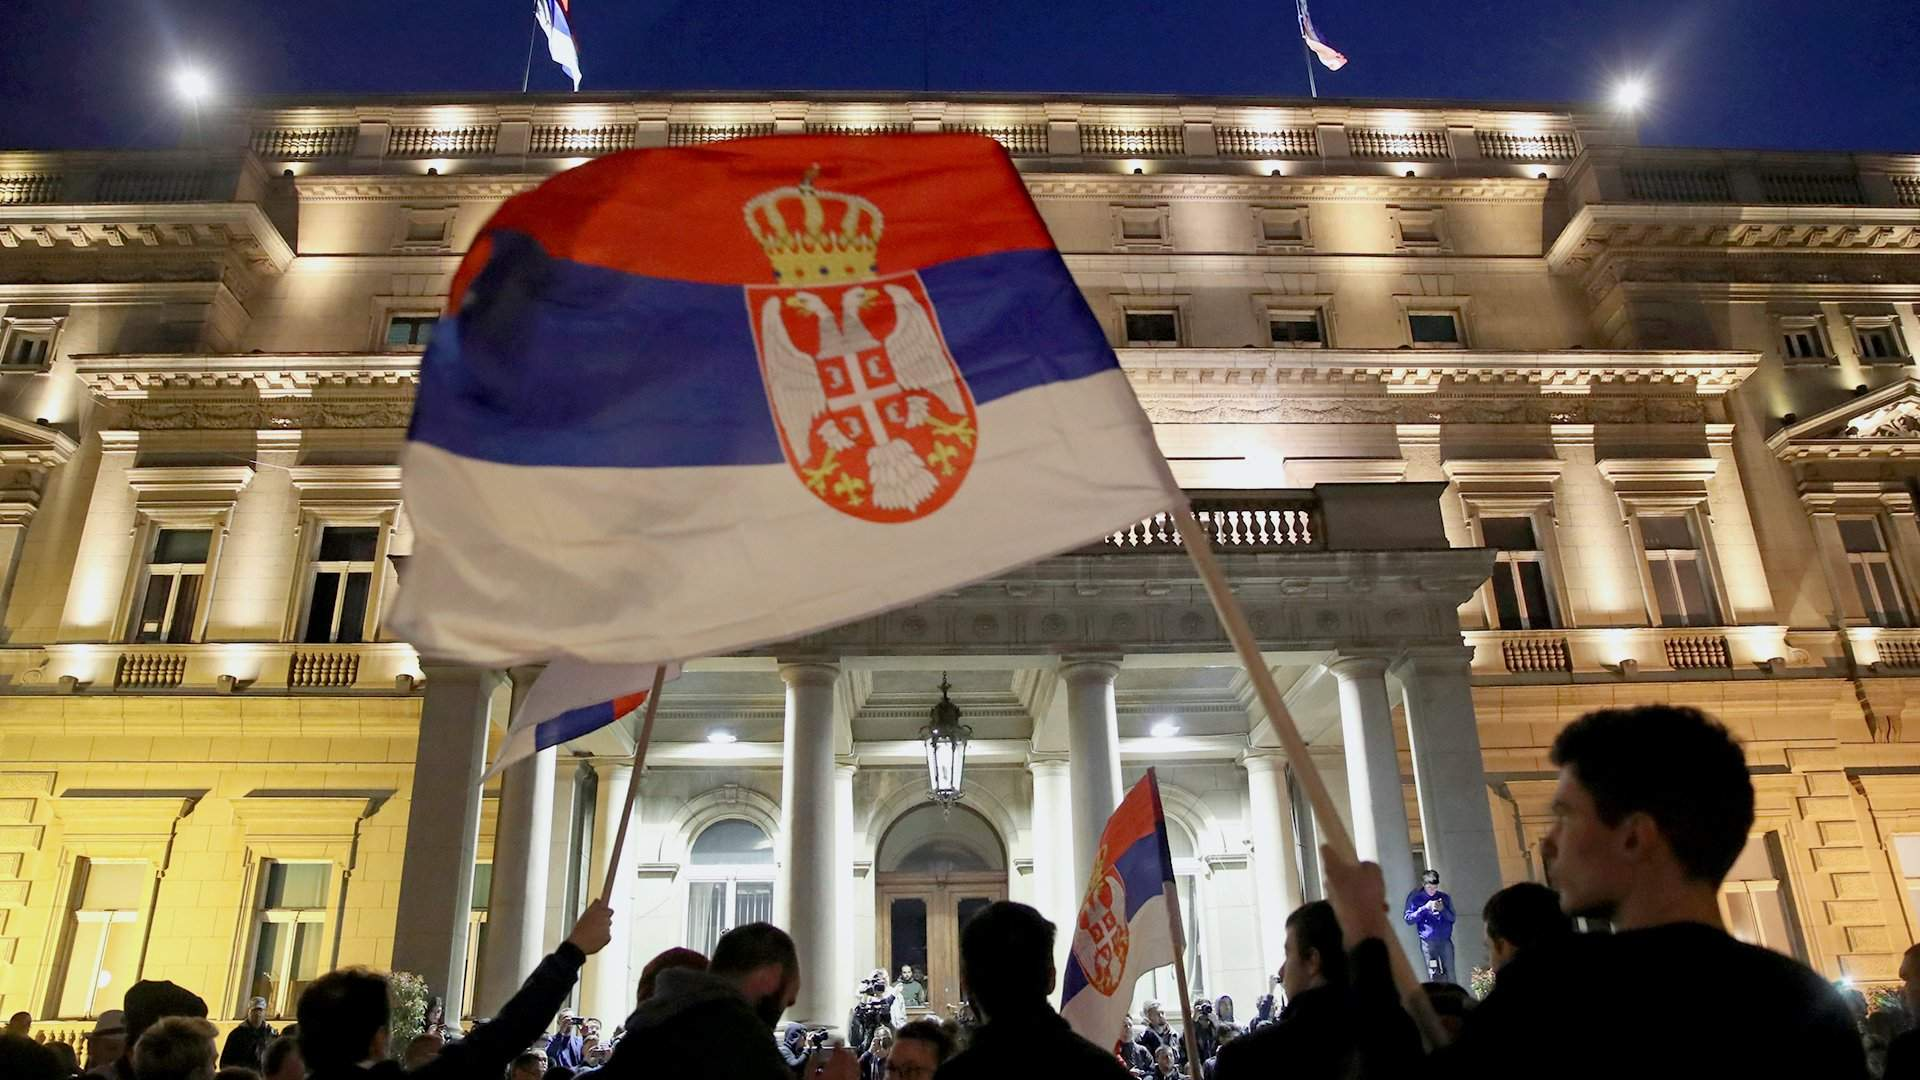 Дестабилизирующий актор: Сербия винит НАТО в расшатывании Балкан   Статьи   Известия